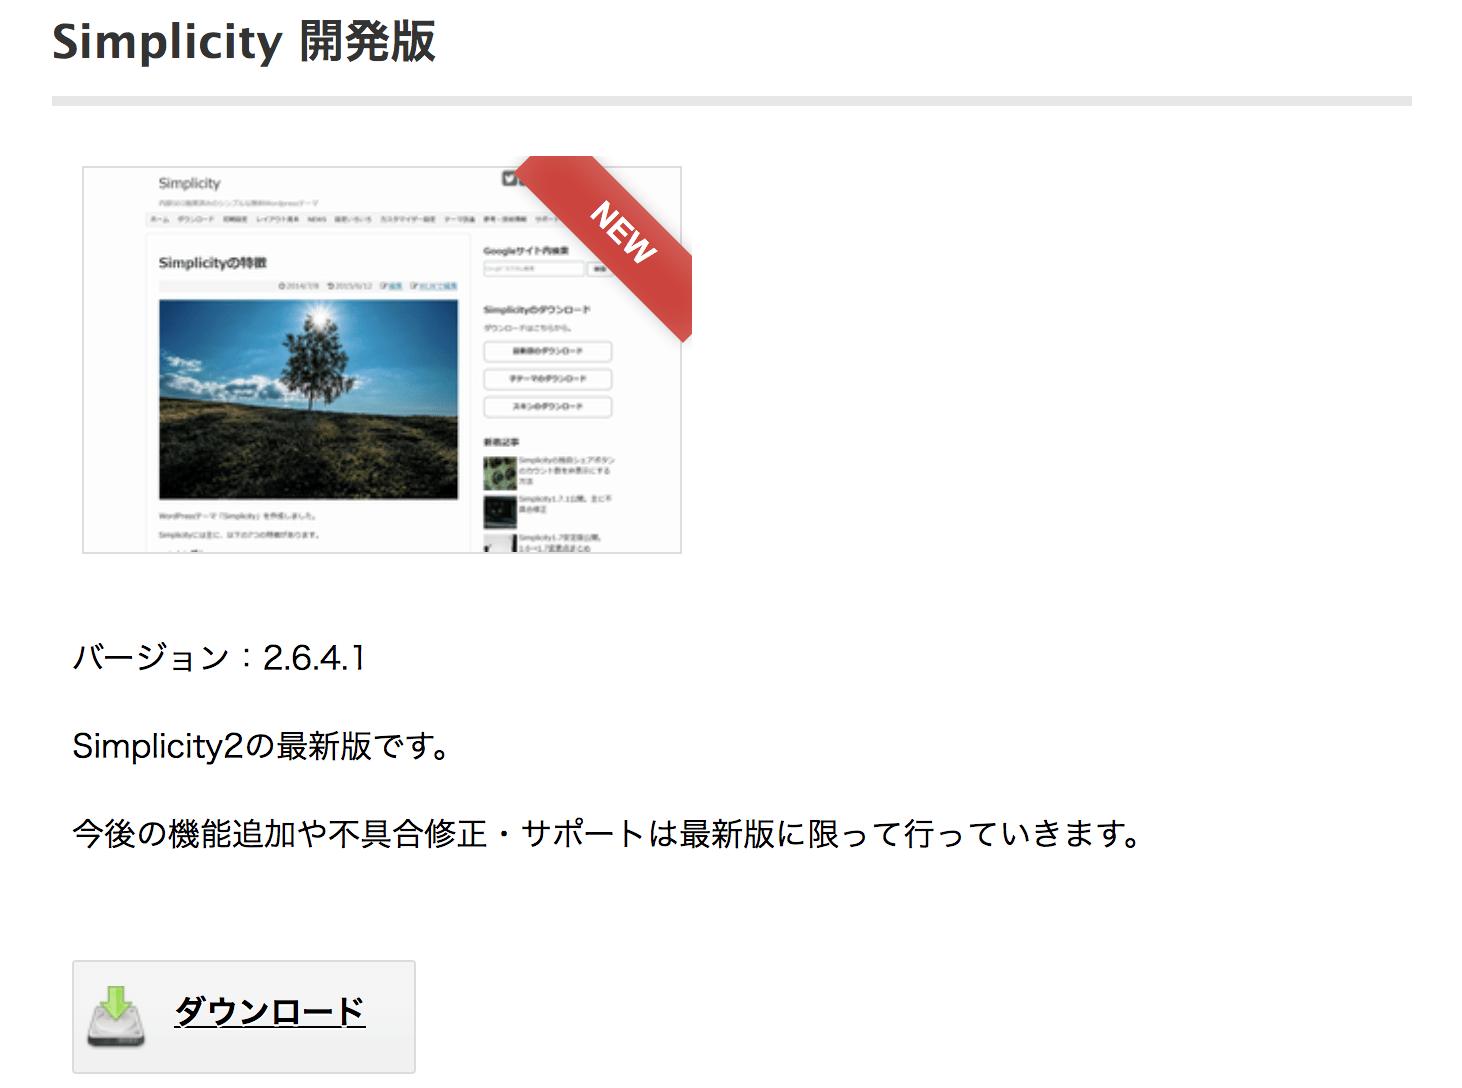 Simplicity2 最新バージョンの親テーマのダウンロード